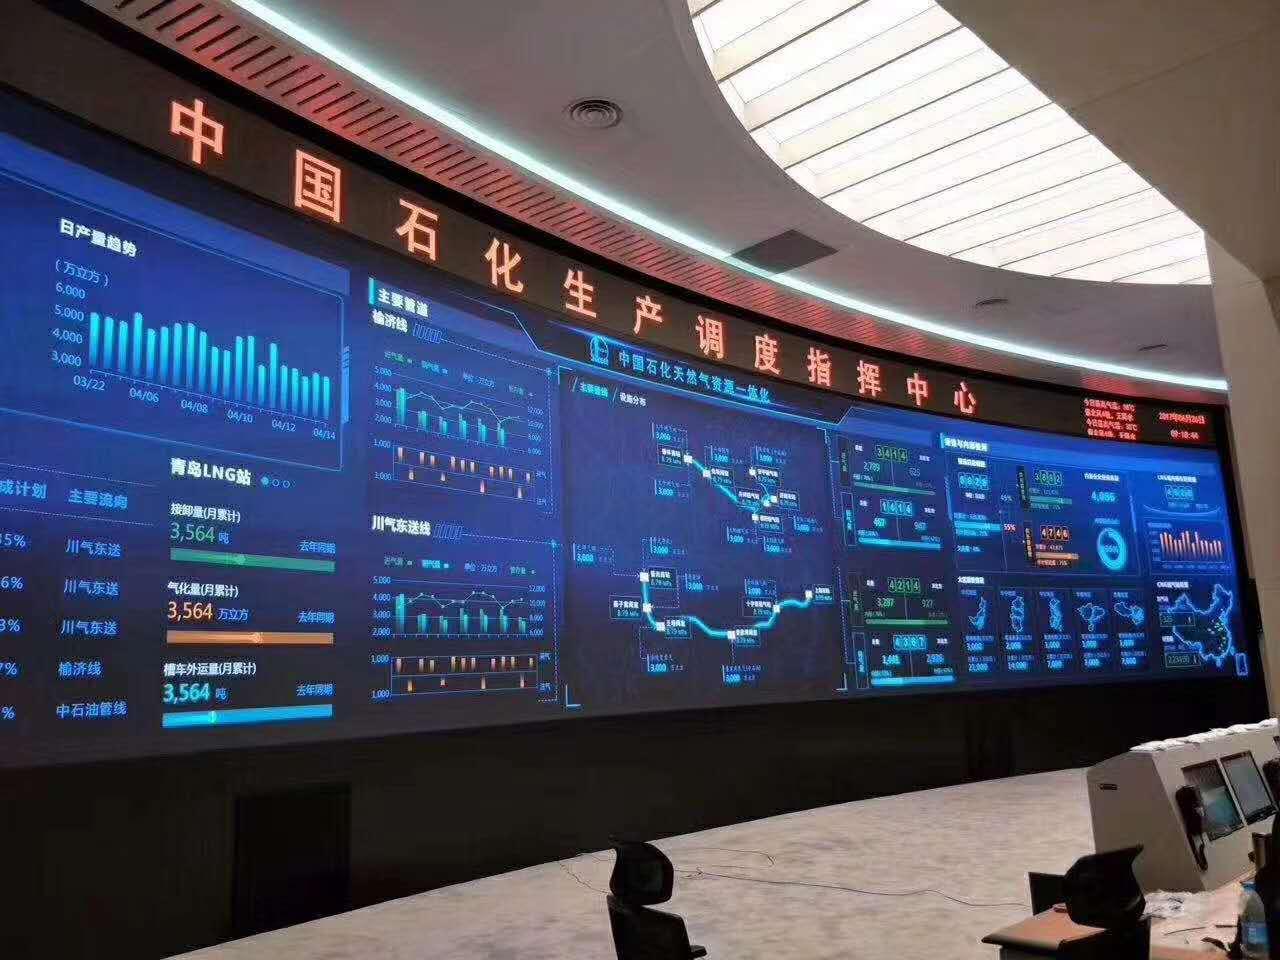 石化led大屏幕安装